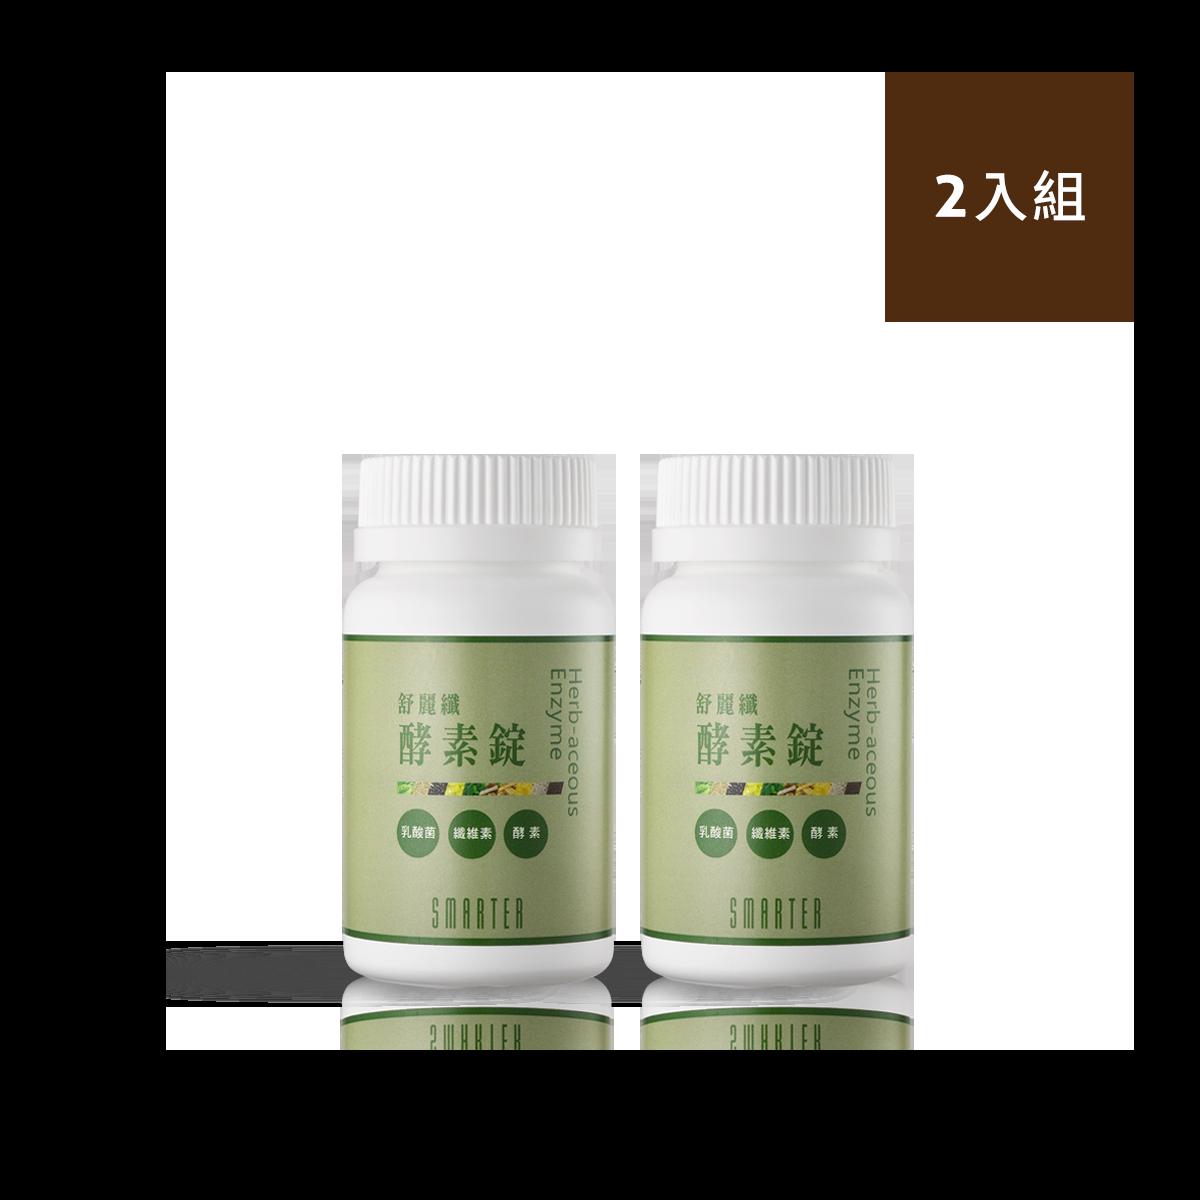 舒麗纖酵素錠-2入組